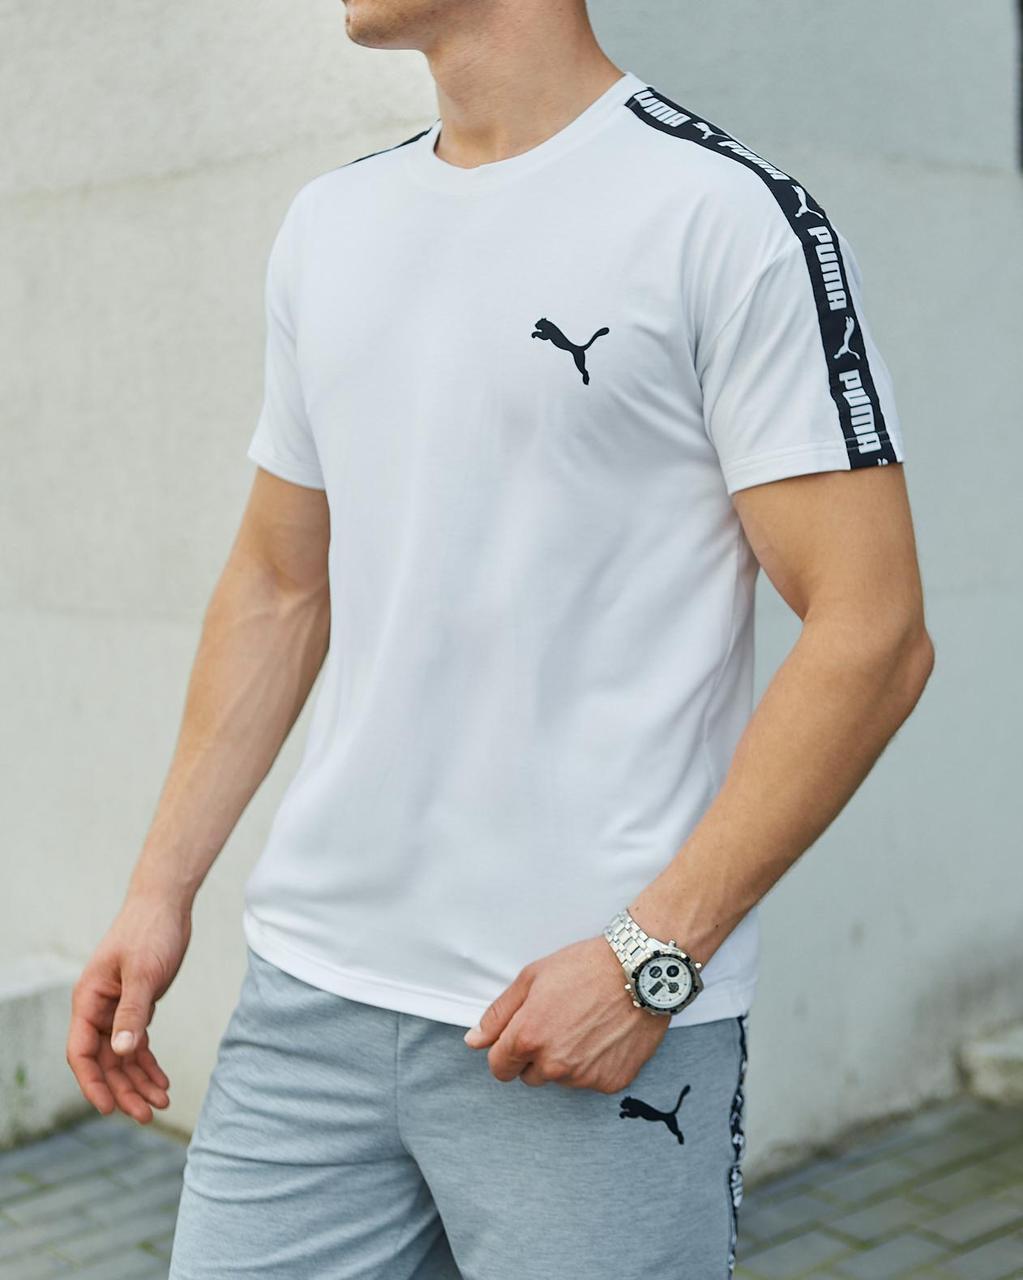 Летняя футболка + шорты Летний мужской комплект Puma Летний Спортивный костюм Пума цвет белый